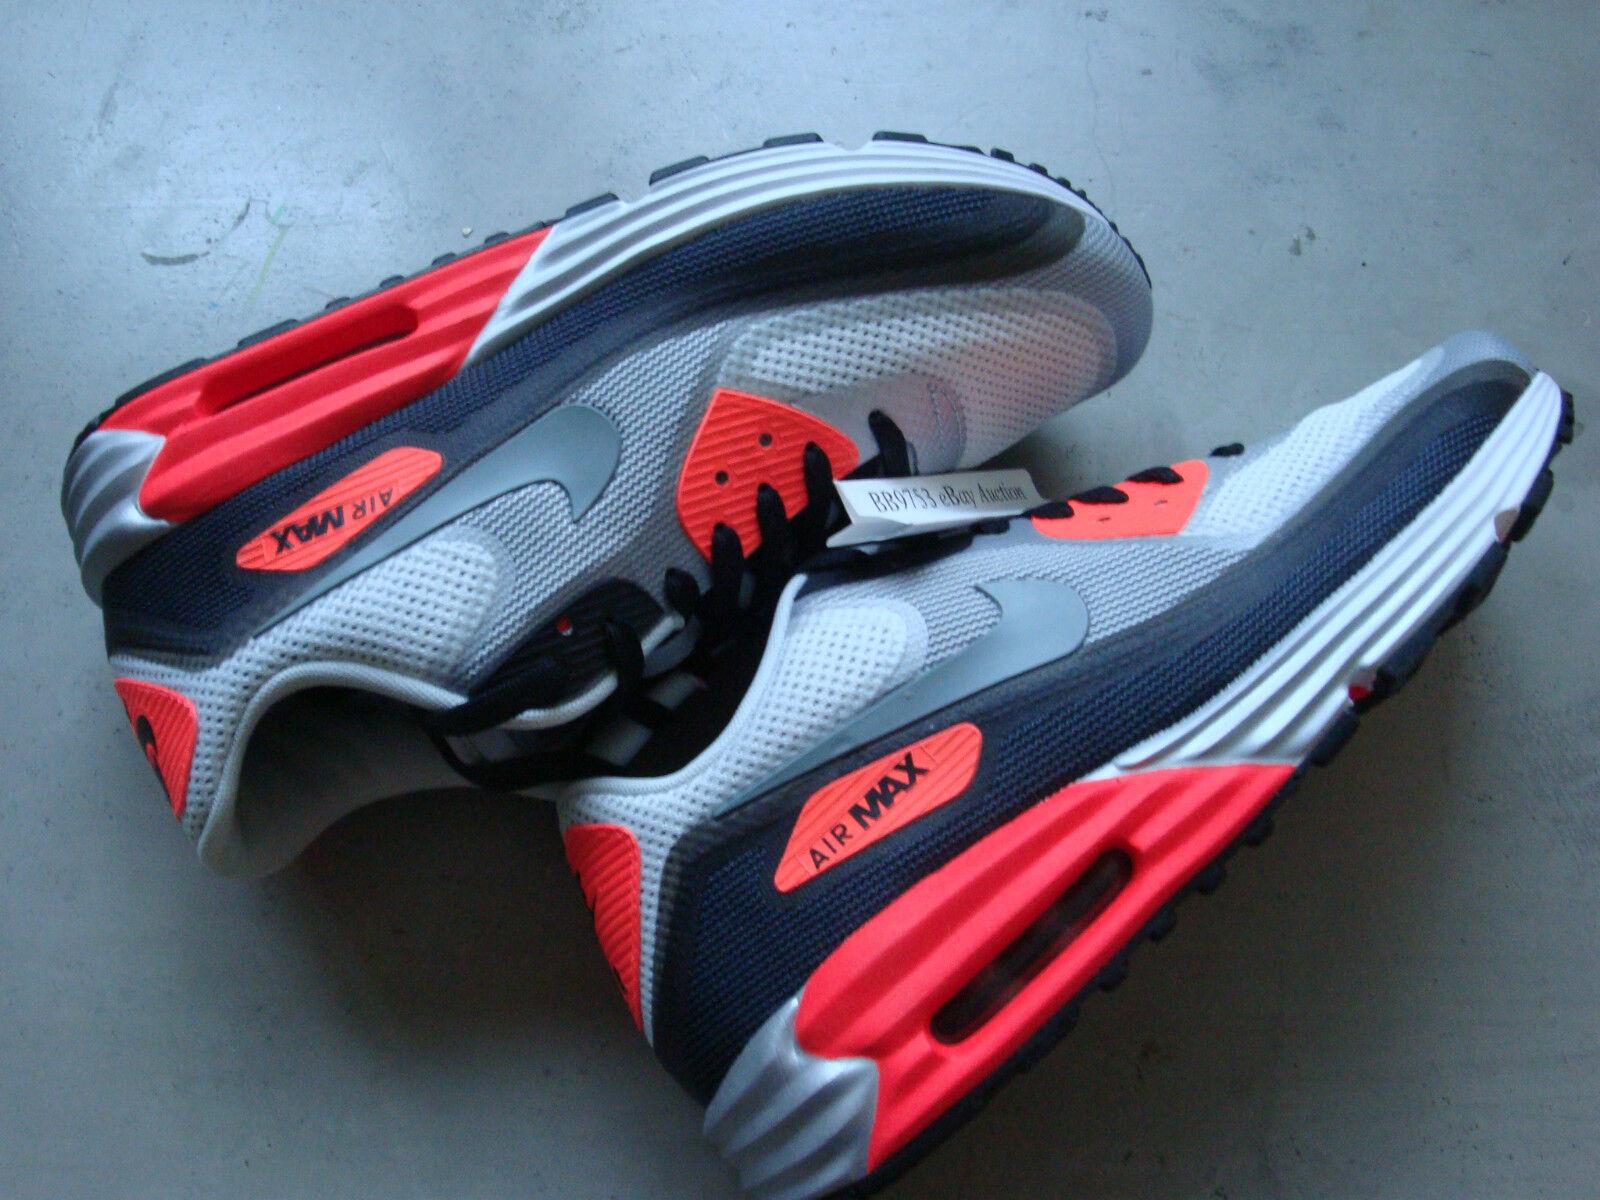 Nike c3.0 Air Max lunar 90 c3.0 Nike Infrared SZ Negro 631744 1og Patta ATMOS 97 1 de0273